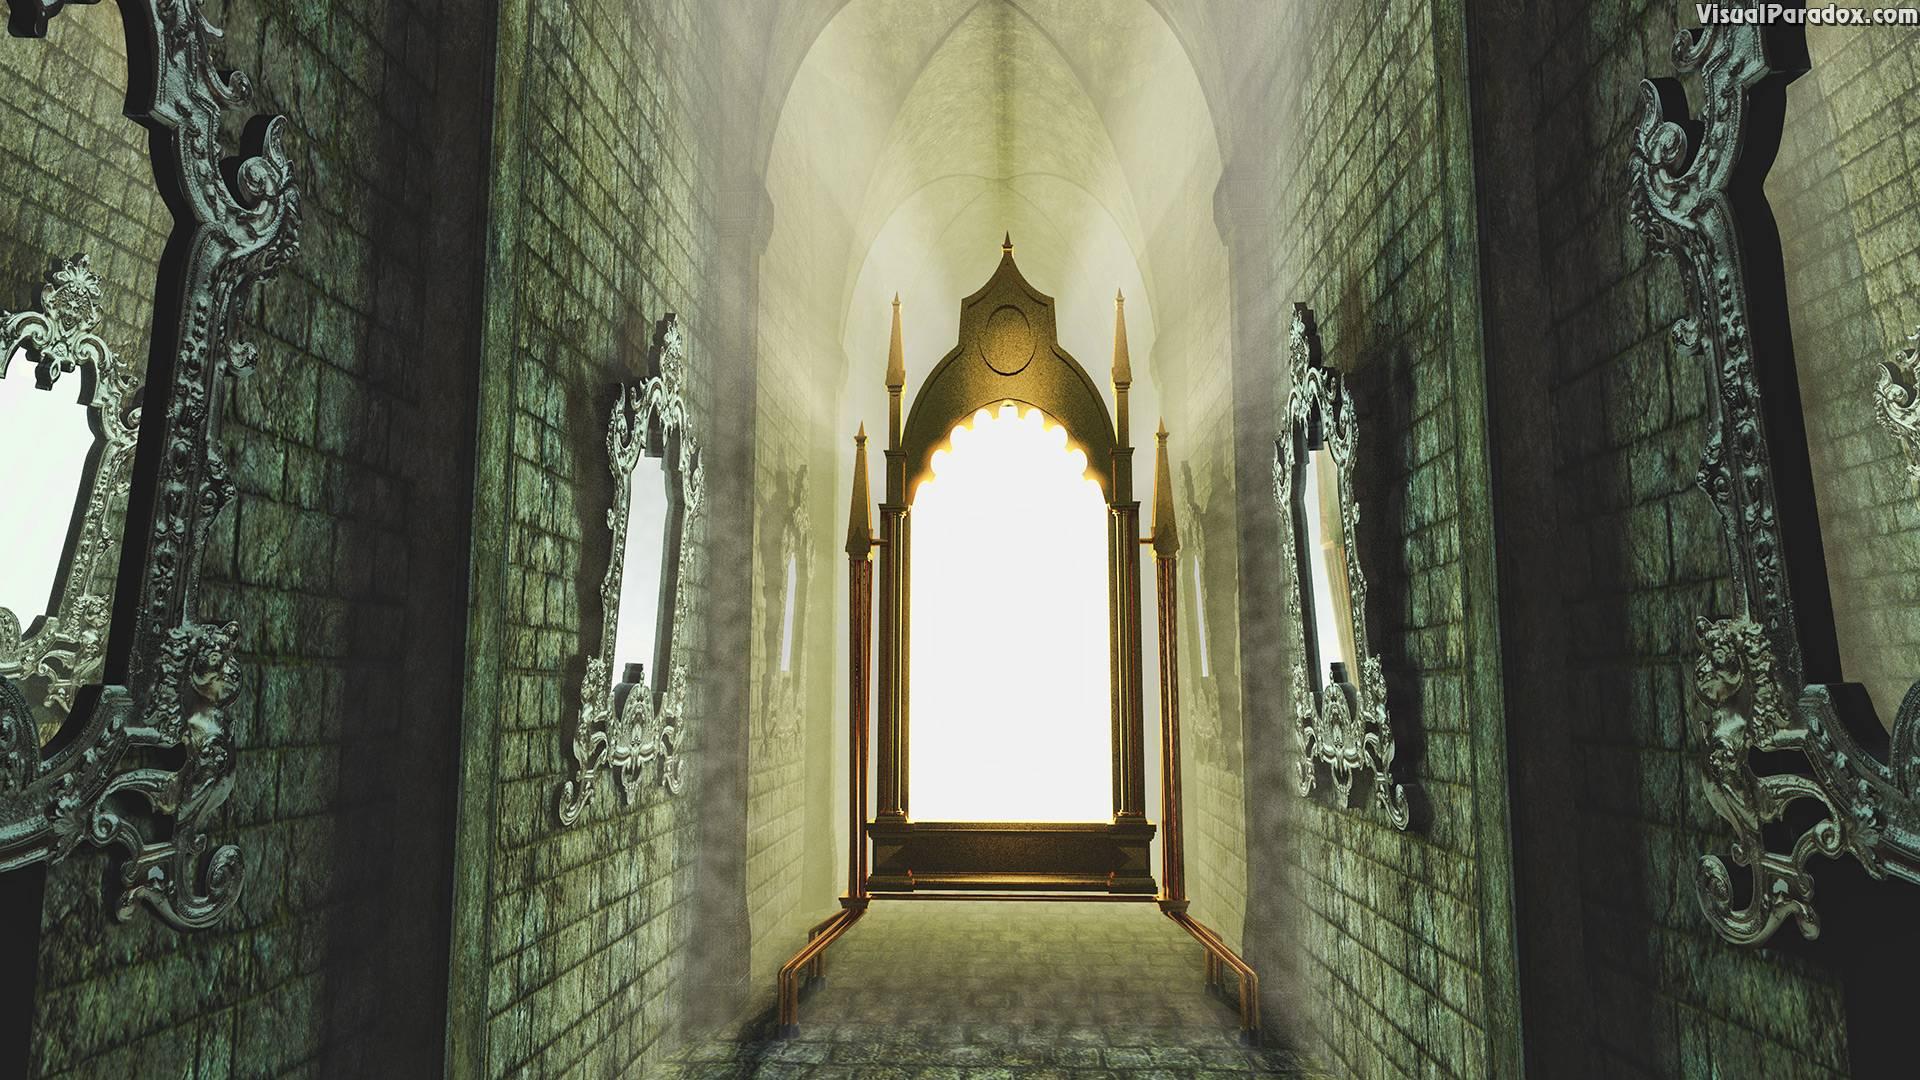 Магия зеркал - бесплатные статьи по магии дом солнца